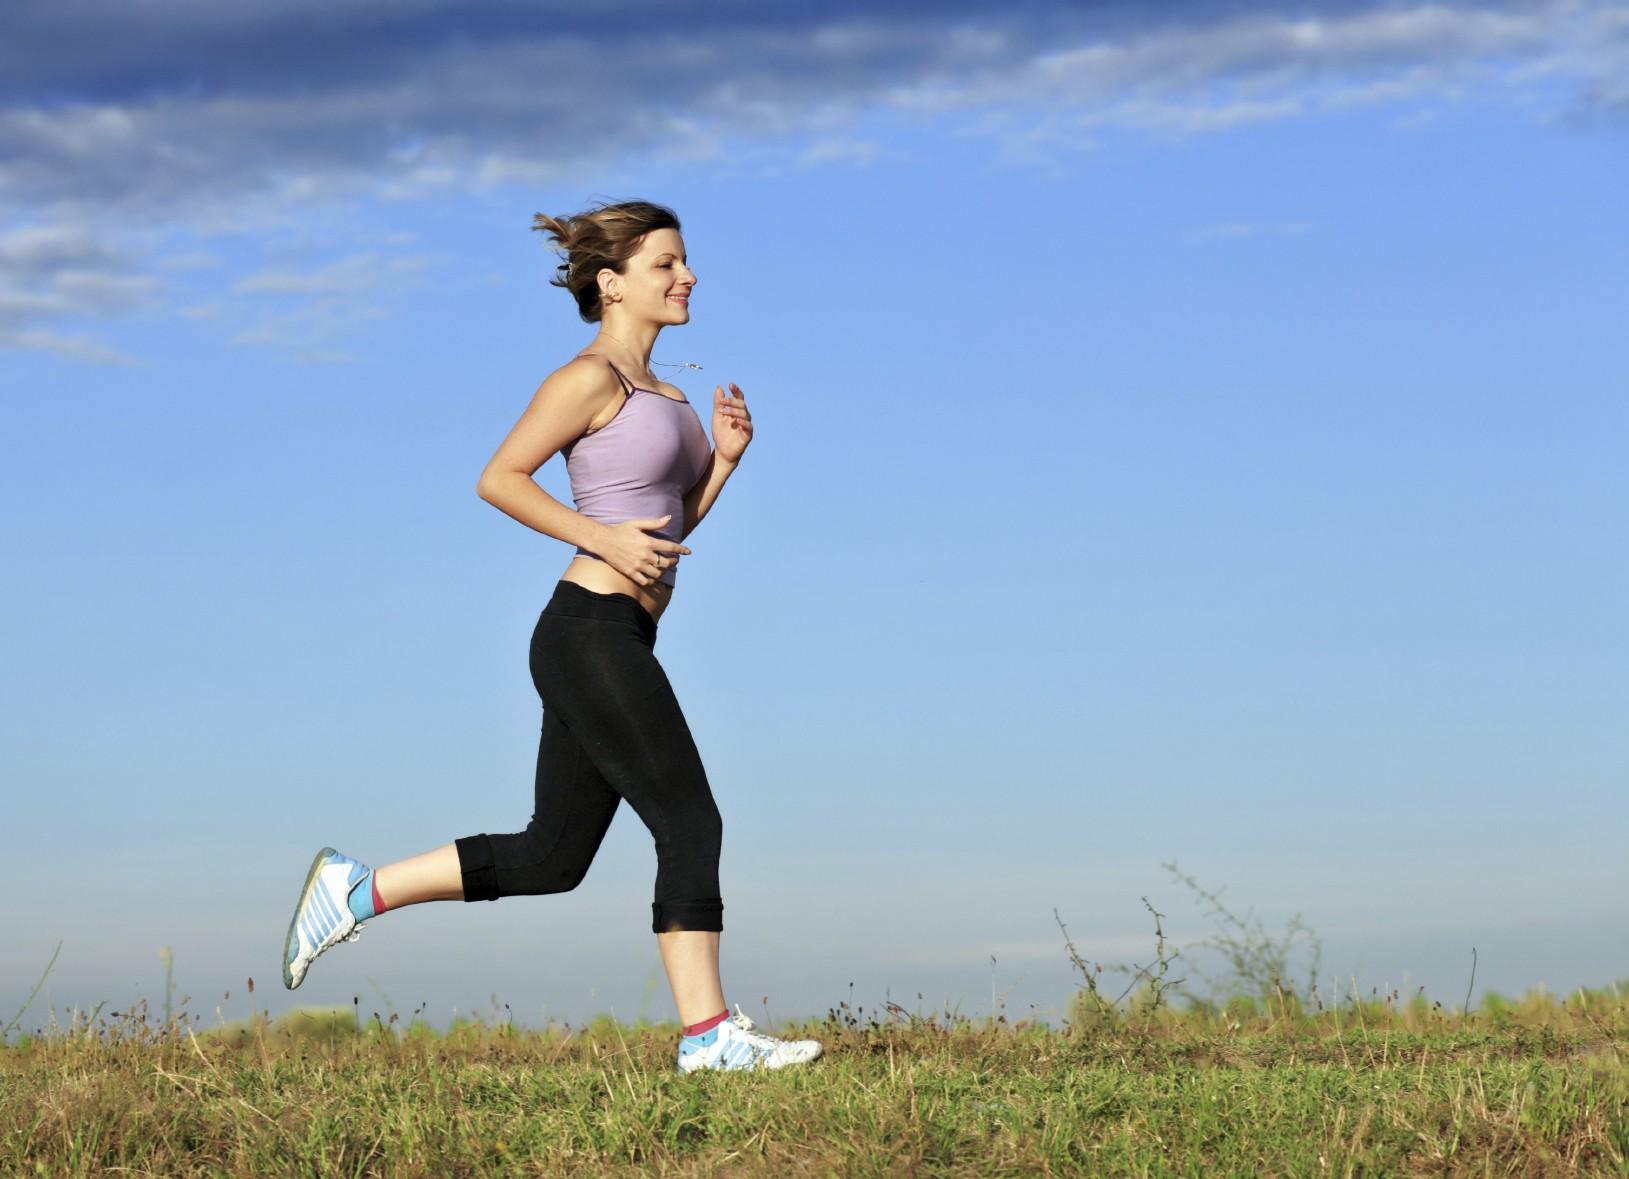 magas vérnyomást sporttal kezelni éghajlat magas vérnyomásban szenvedők számára